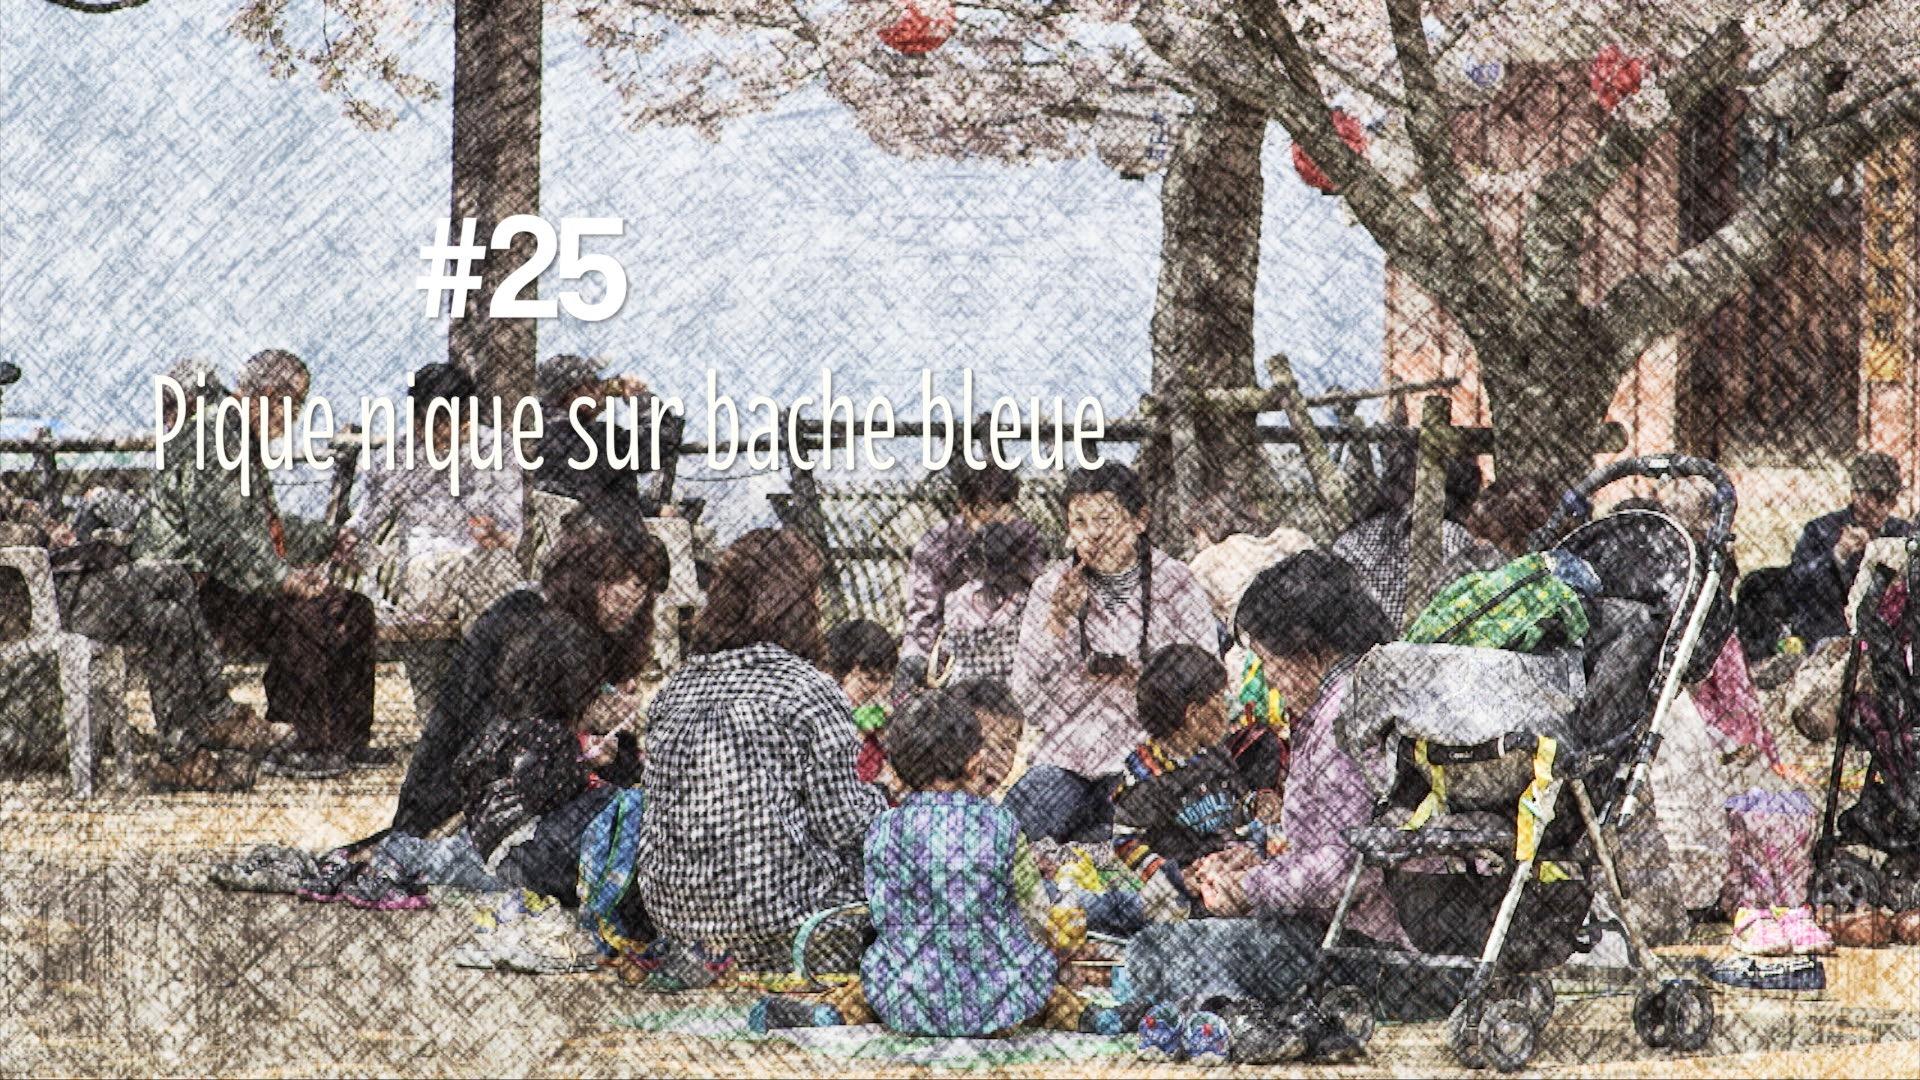 L'hanami et le traditionnel pique nique sur bâche bleue (#25)